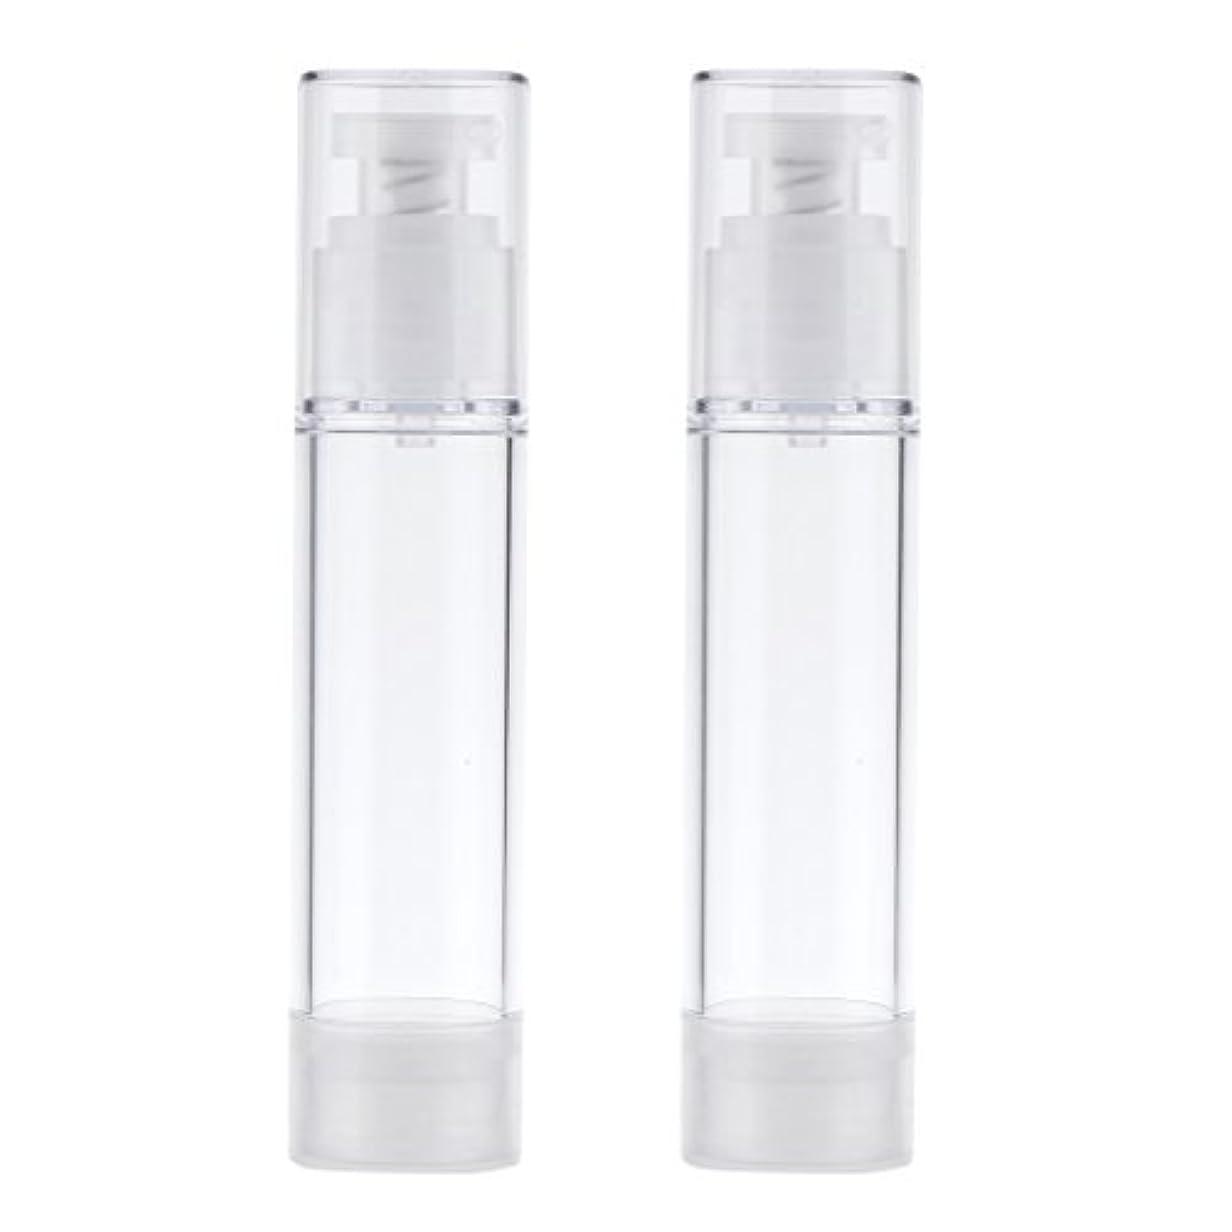 品優勢愛人Blesiya 2個 空ボトル ポンプボトル ローション コスメ ティック クリームボトル エアレスポンプディスペンサー 3サイズ選べる - 50ml